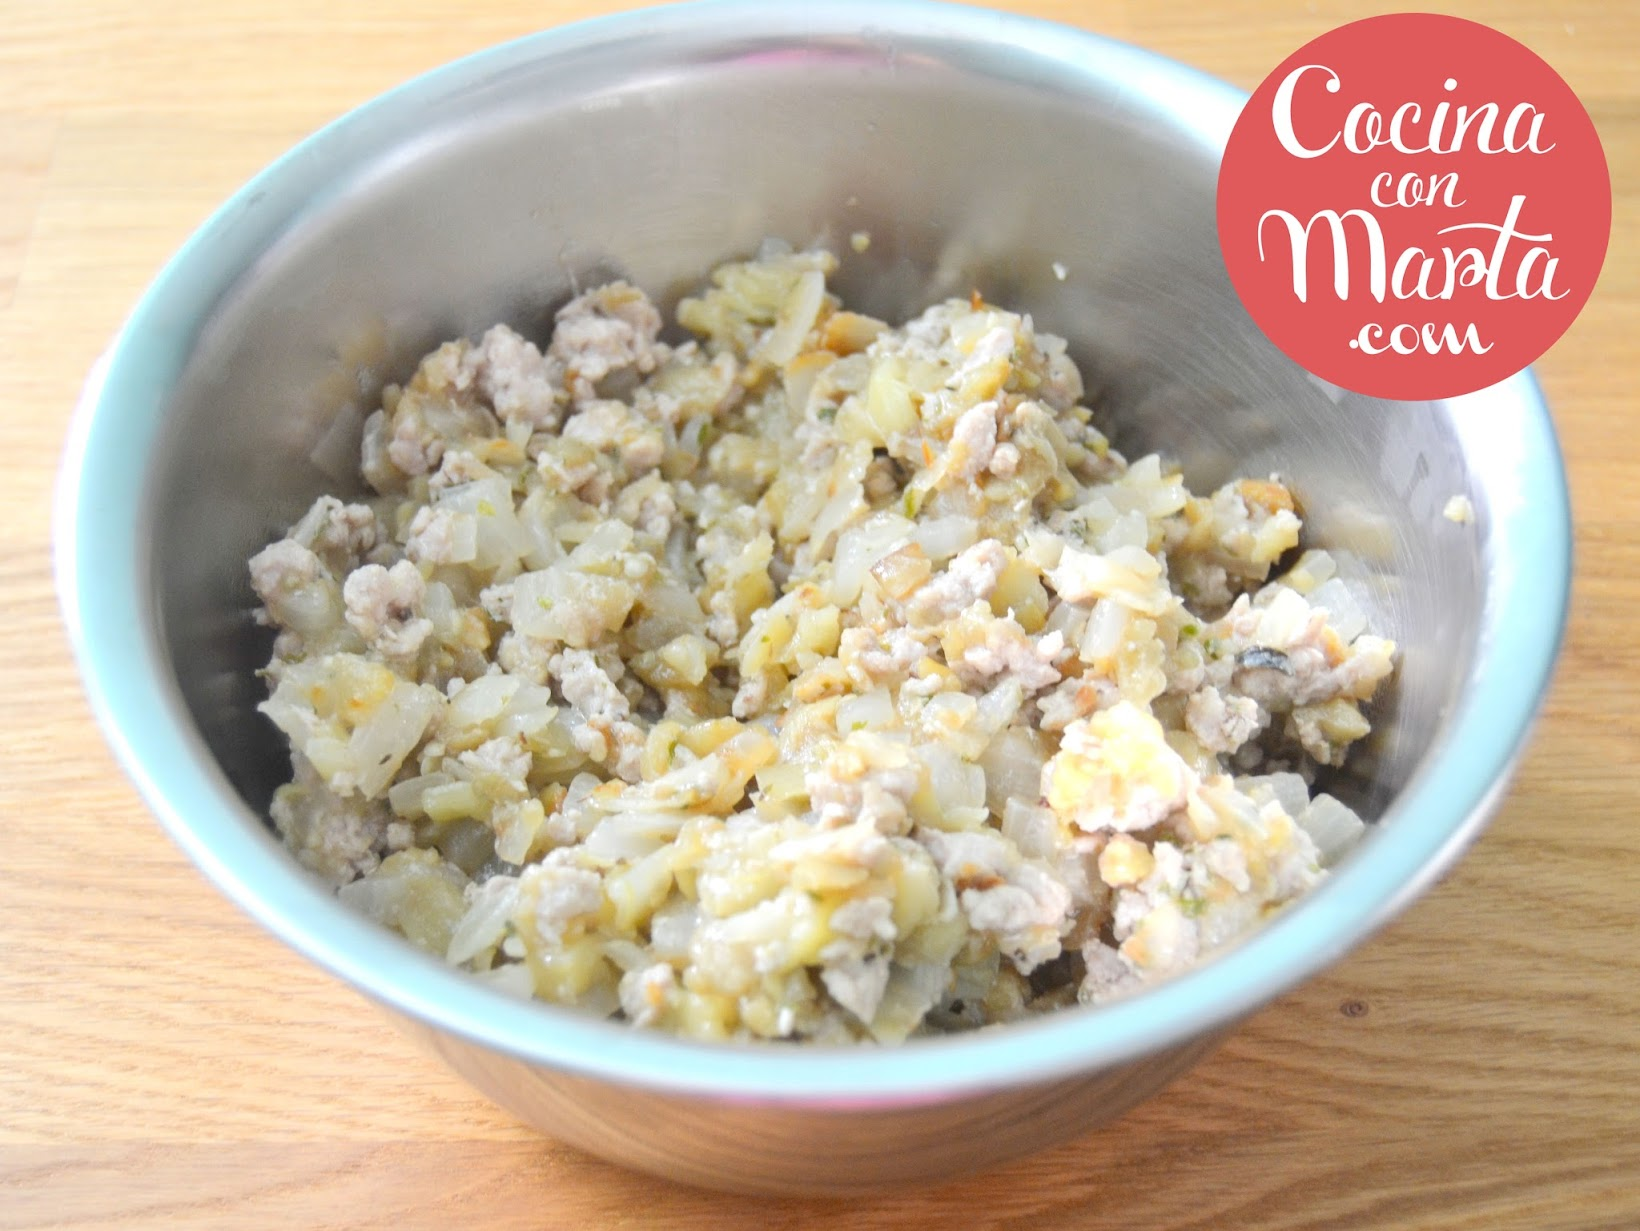 Berenjenas rellenas de carne y bechamel, gratinadas. Receta fácil y rápida de hacer. Cocina con Marta